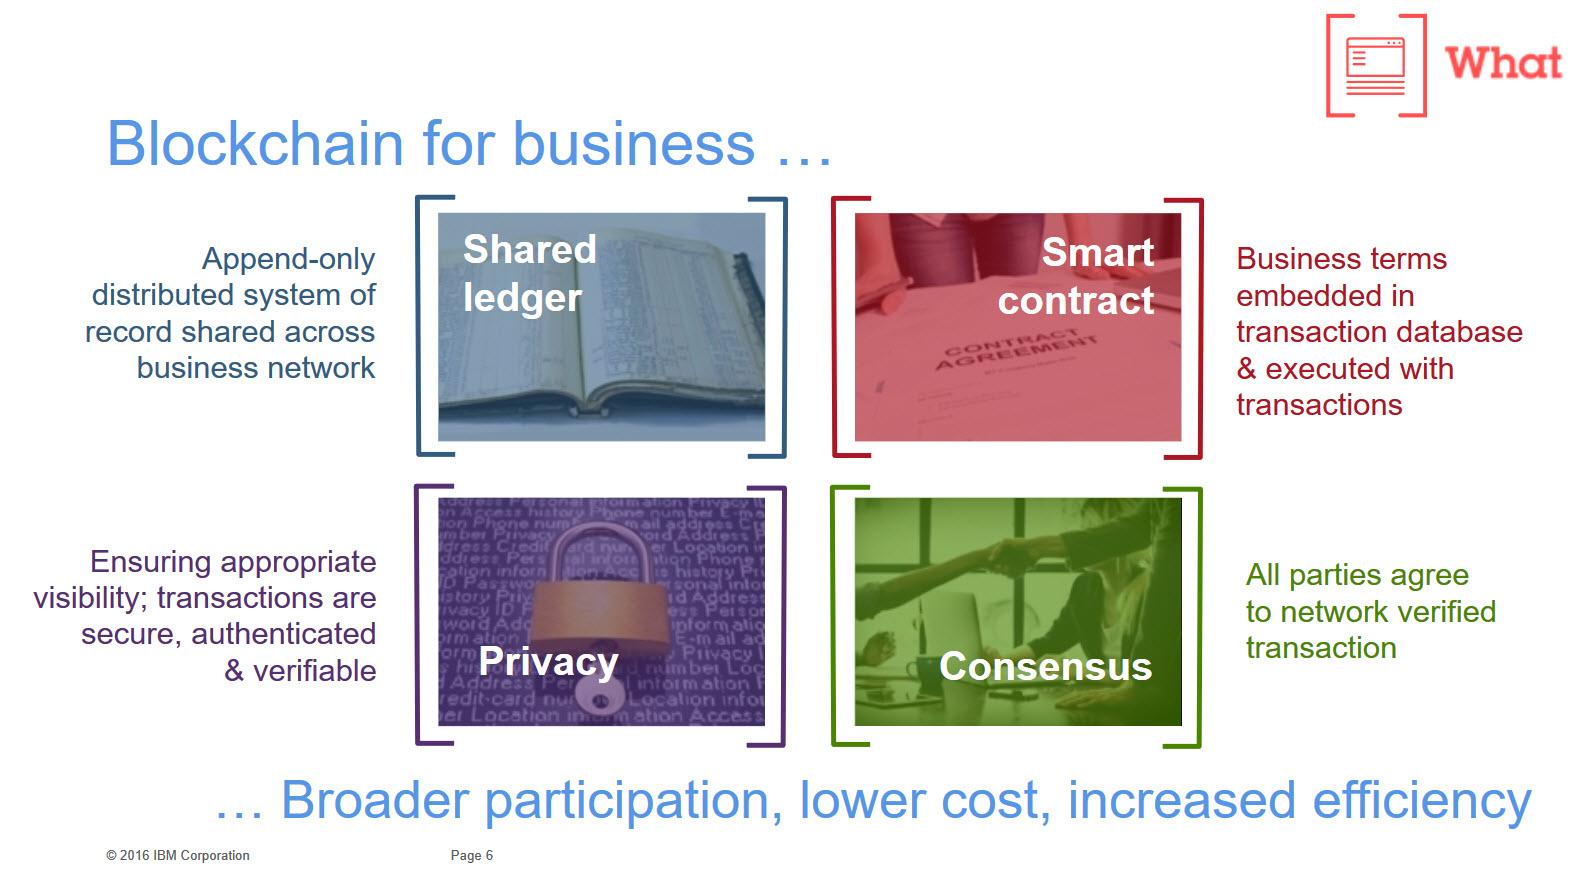 Hyperledger Blockchain London for business